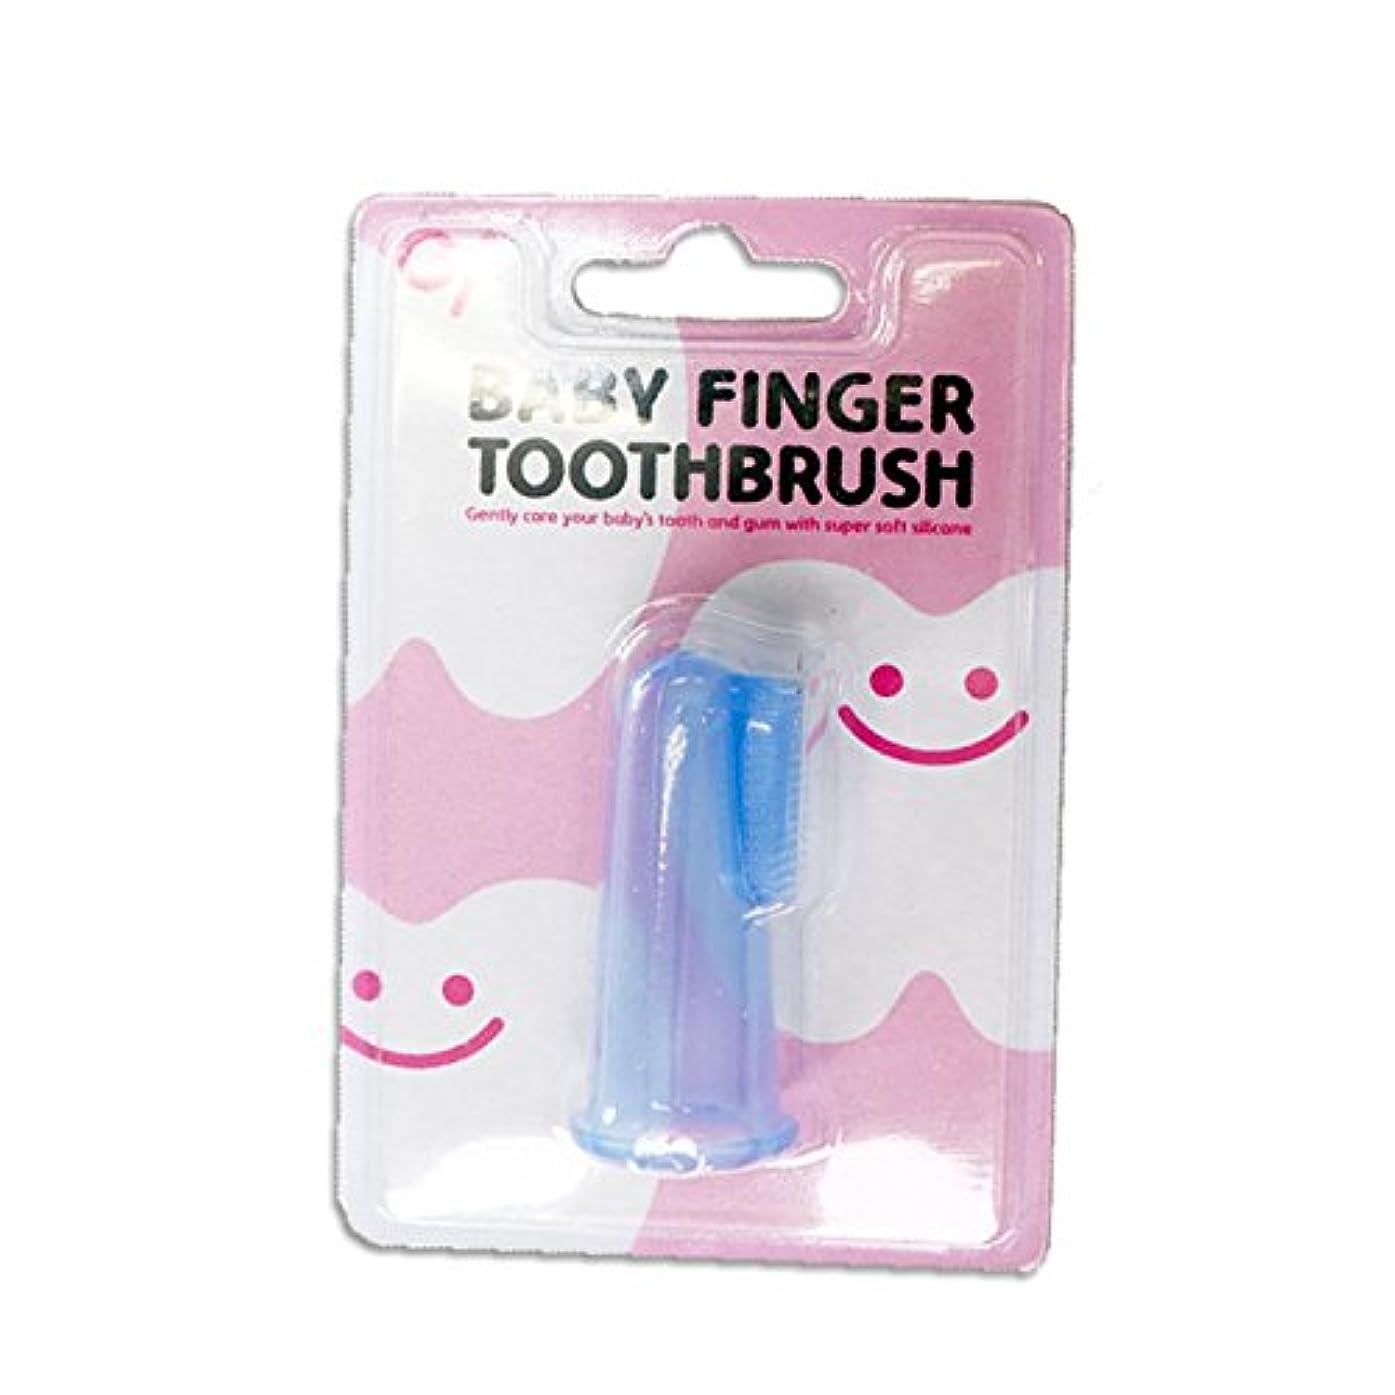 養う下線迫害ベビーフィンガートゥースブラッシュ ベビーフィンガー歯ブラシ 12個入り BABY FINGER TOOTHBRUSH